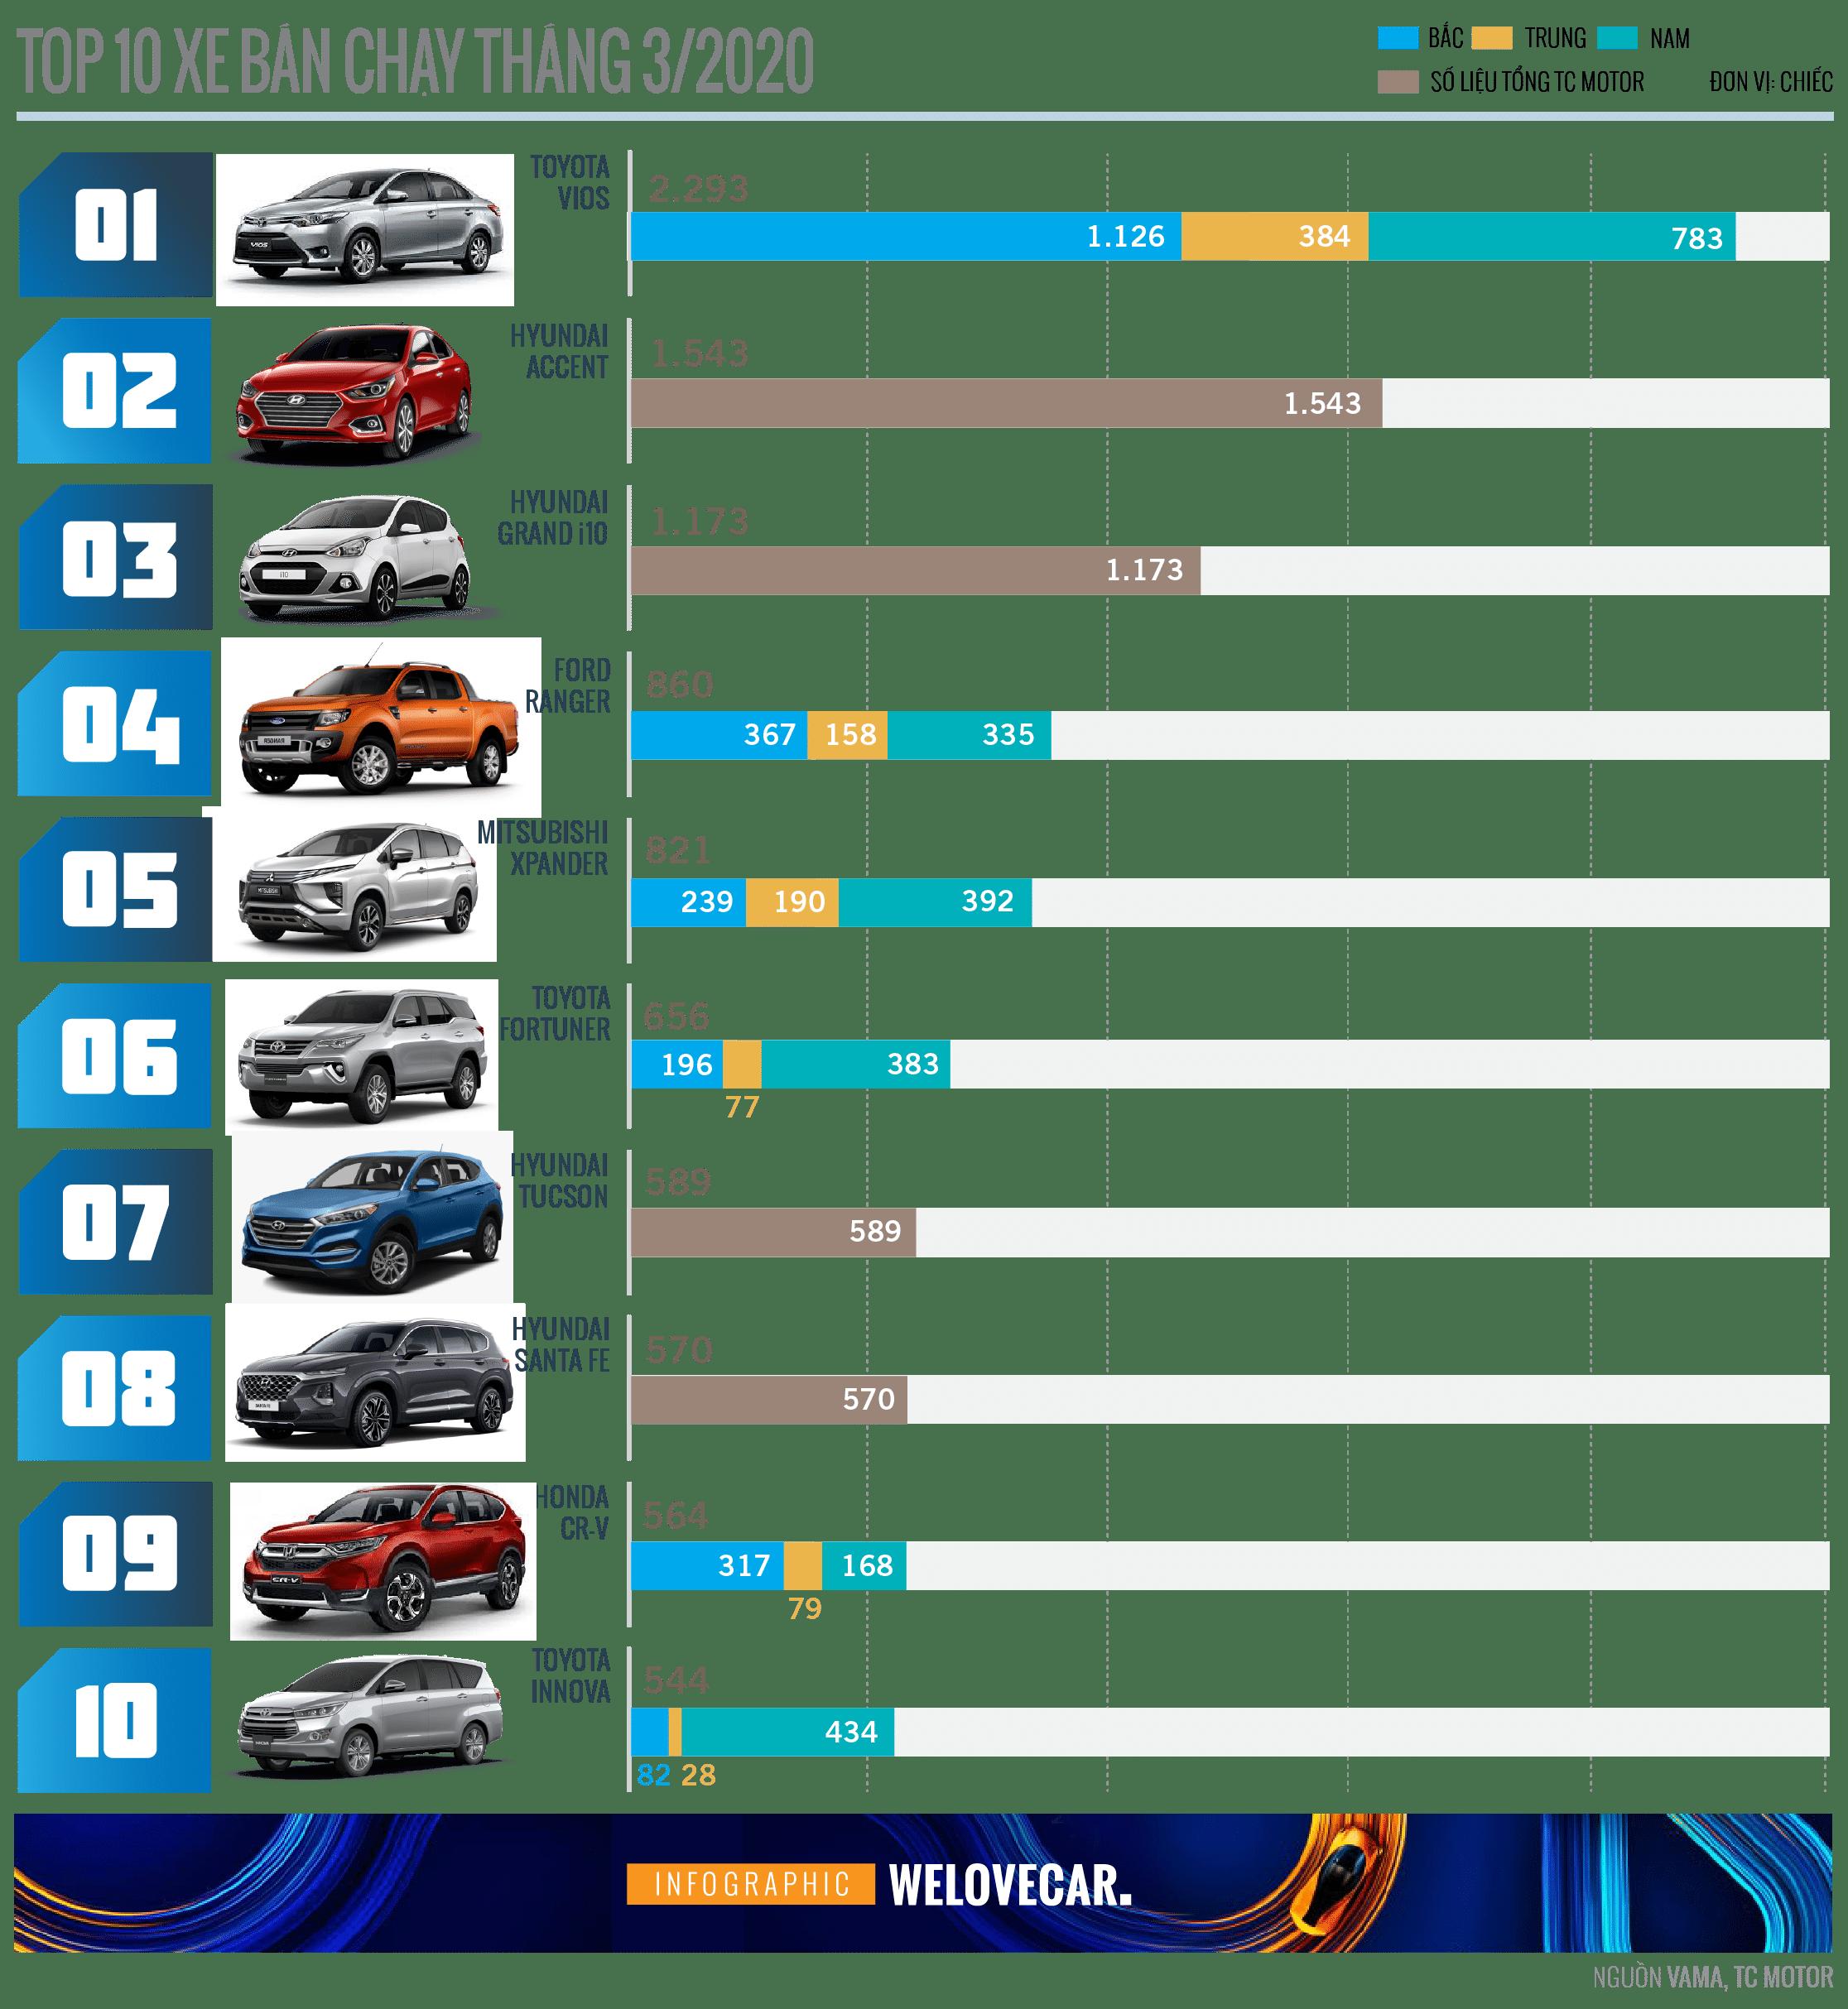 Top xe bán chạy tháng 3/2020: Toyota Vios vẫn dẫn đầu - 2